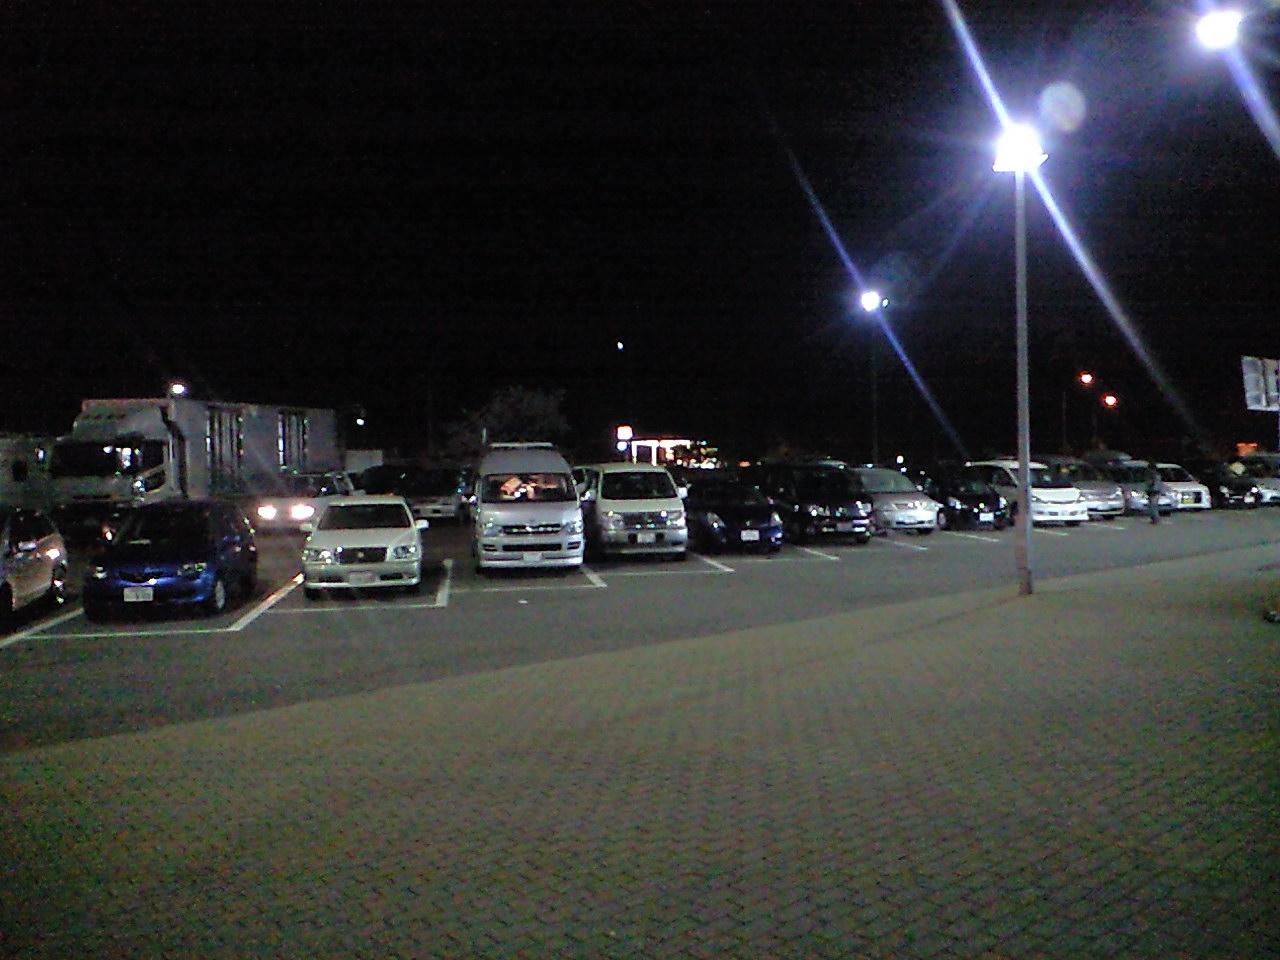 深夜のパーキングで車があふれる